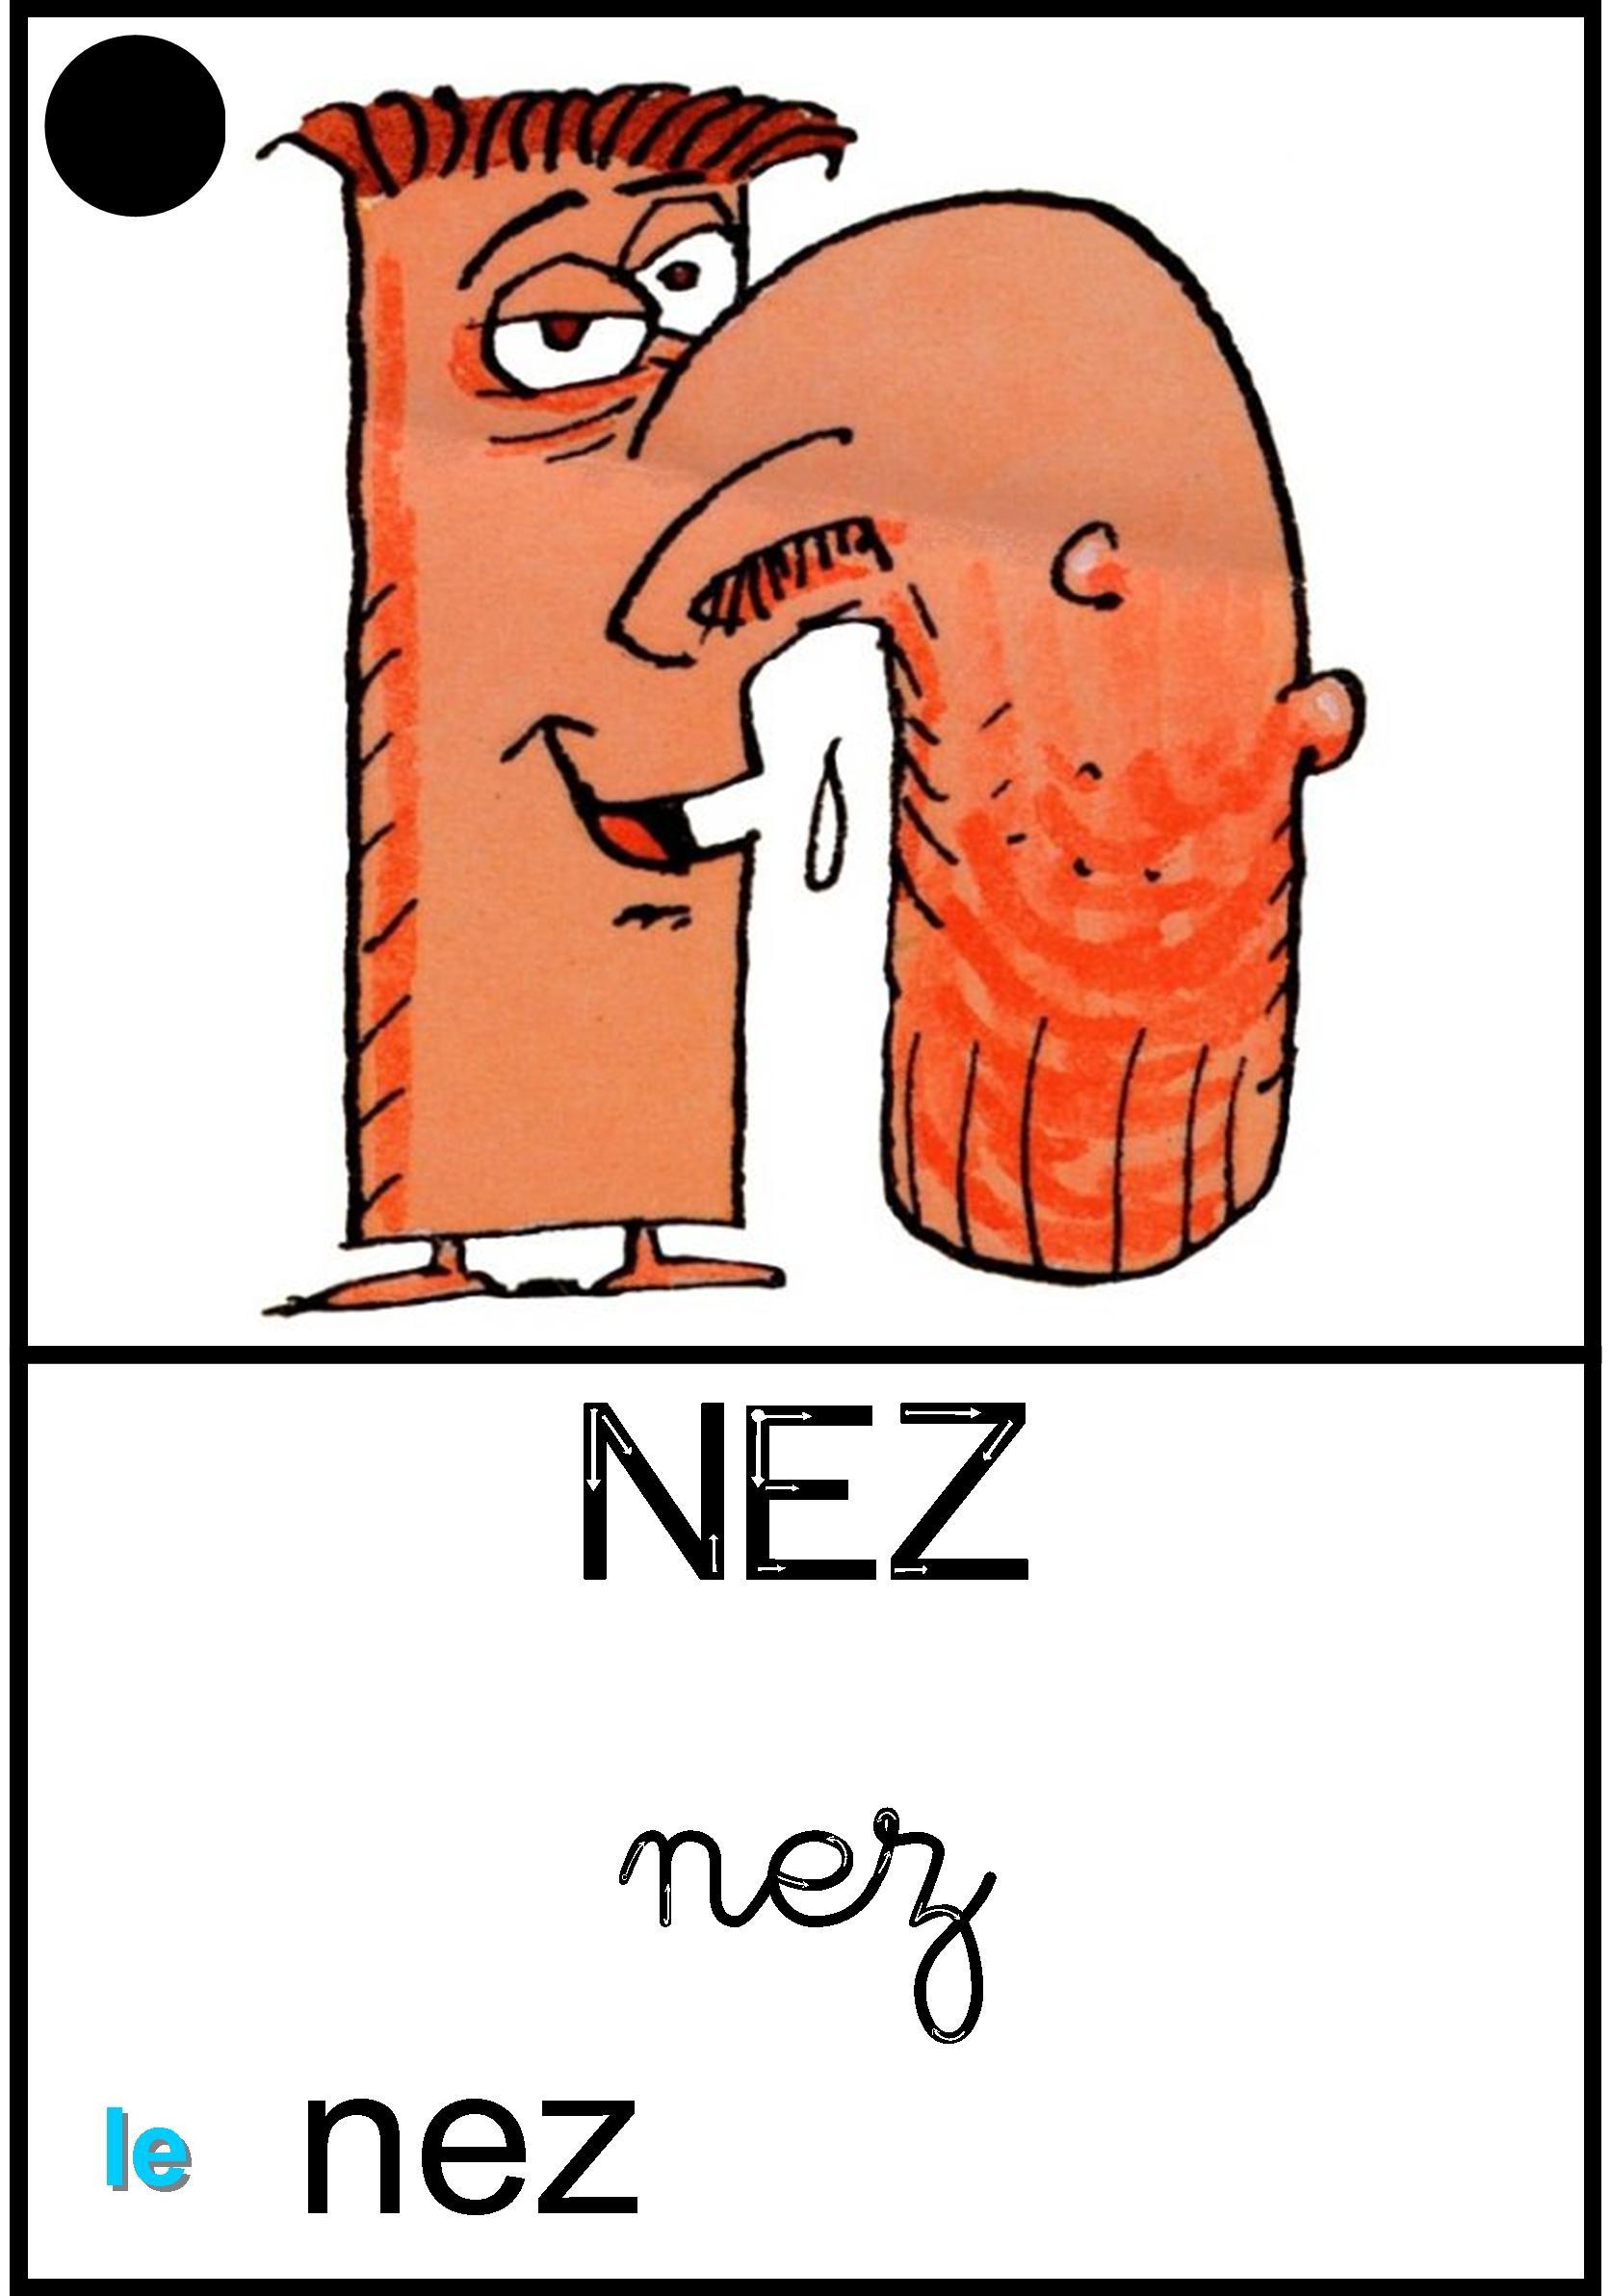 Affichage Le nez